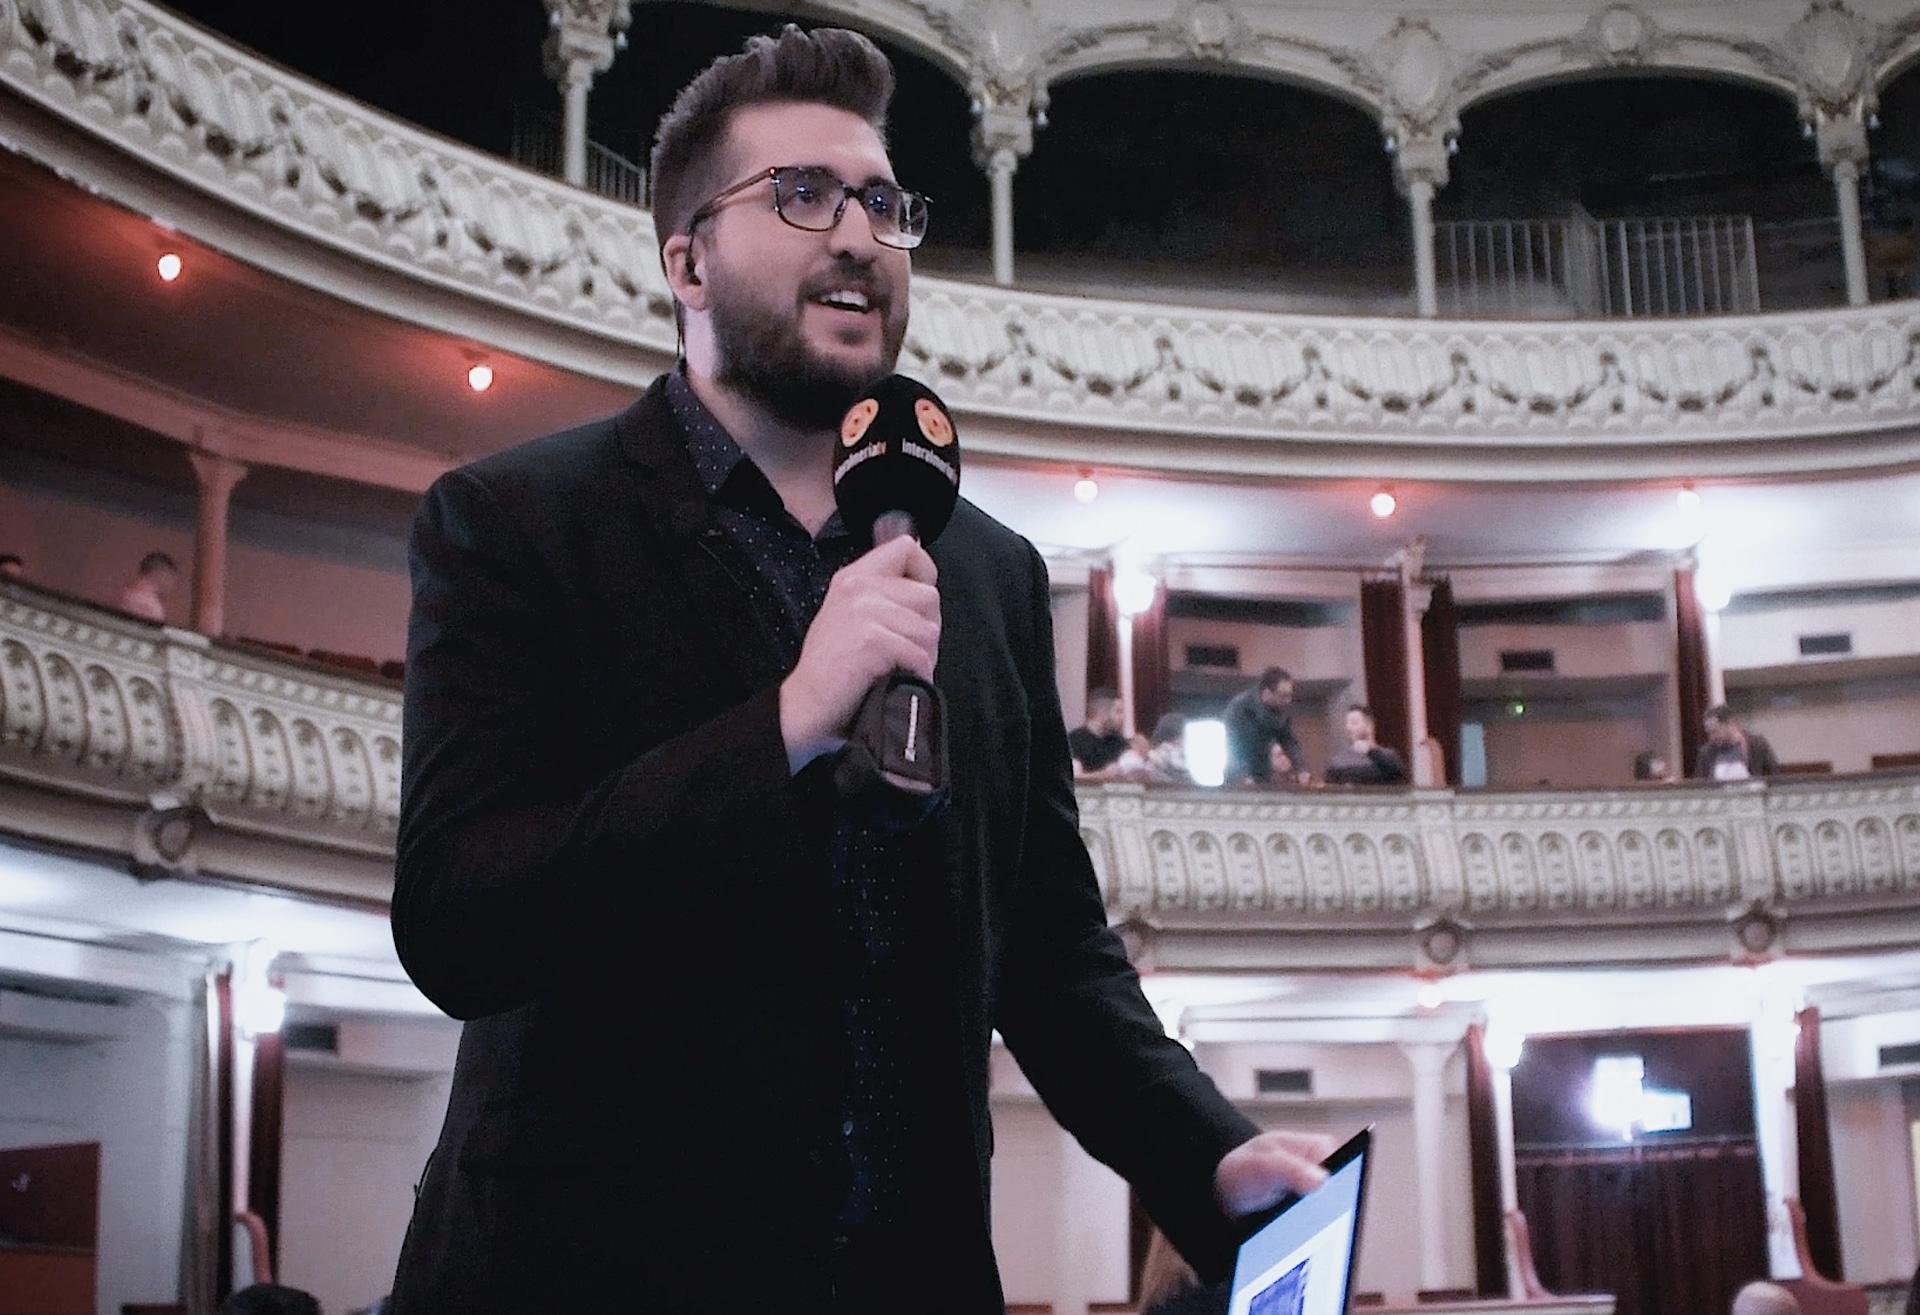 Momento de presentación en las retransmisiones del Carnaval de Almería en InteralmeríaTV